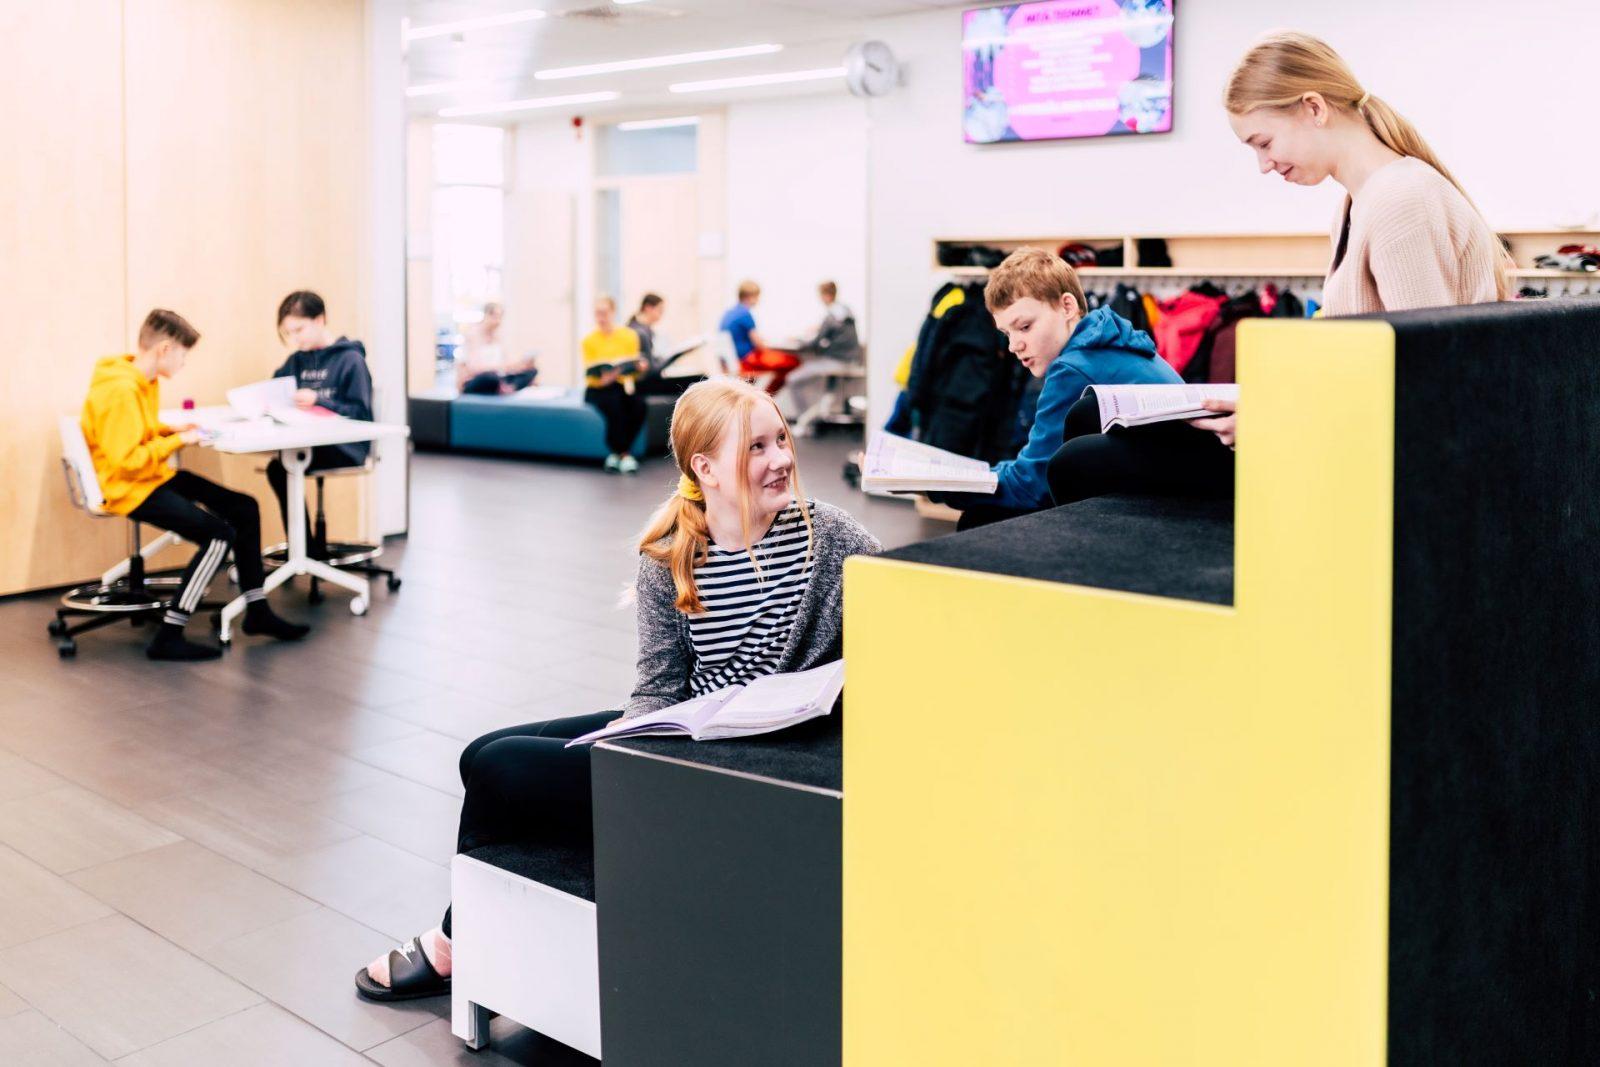 Peruopetuksessa voit opiskella nykyaikaisissa tiloissa